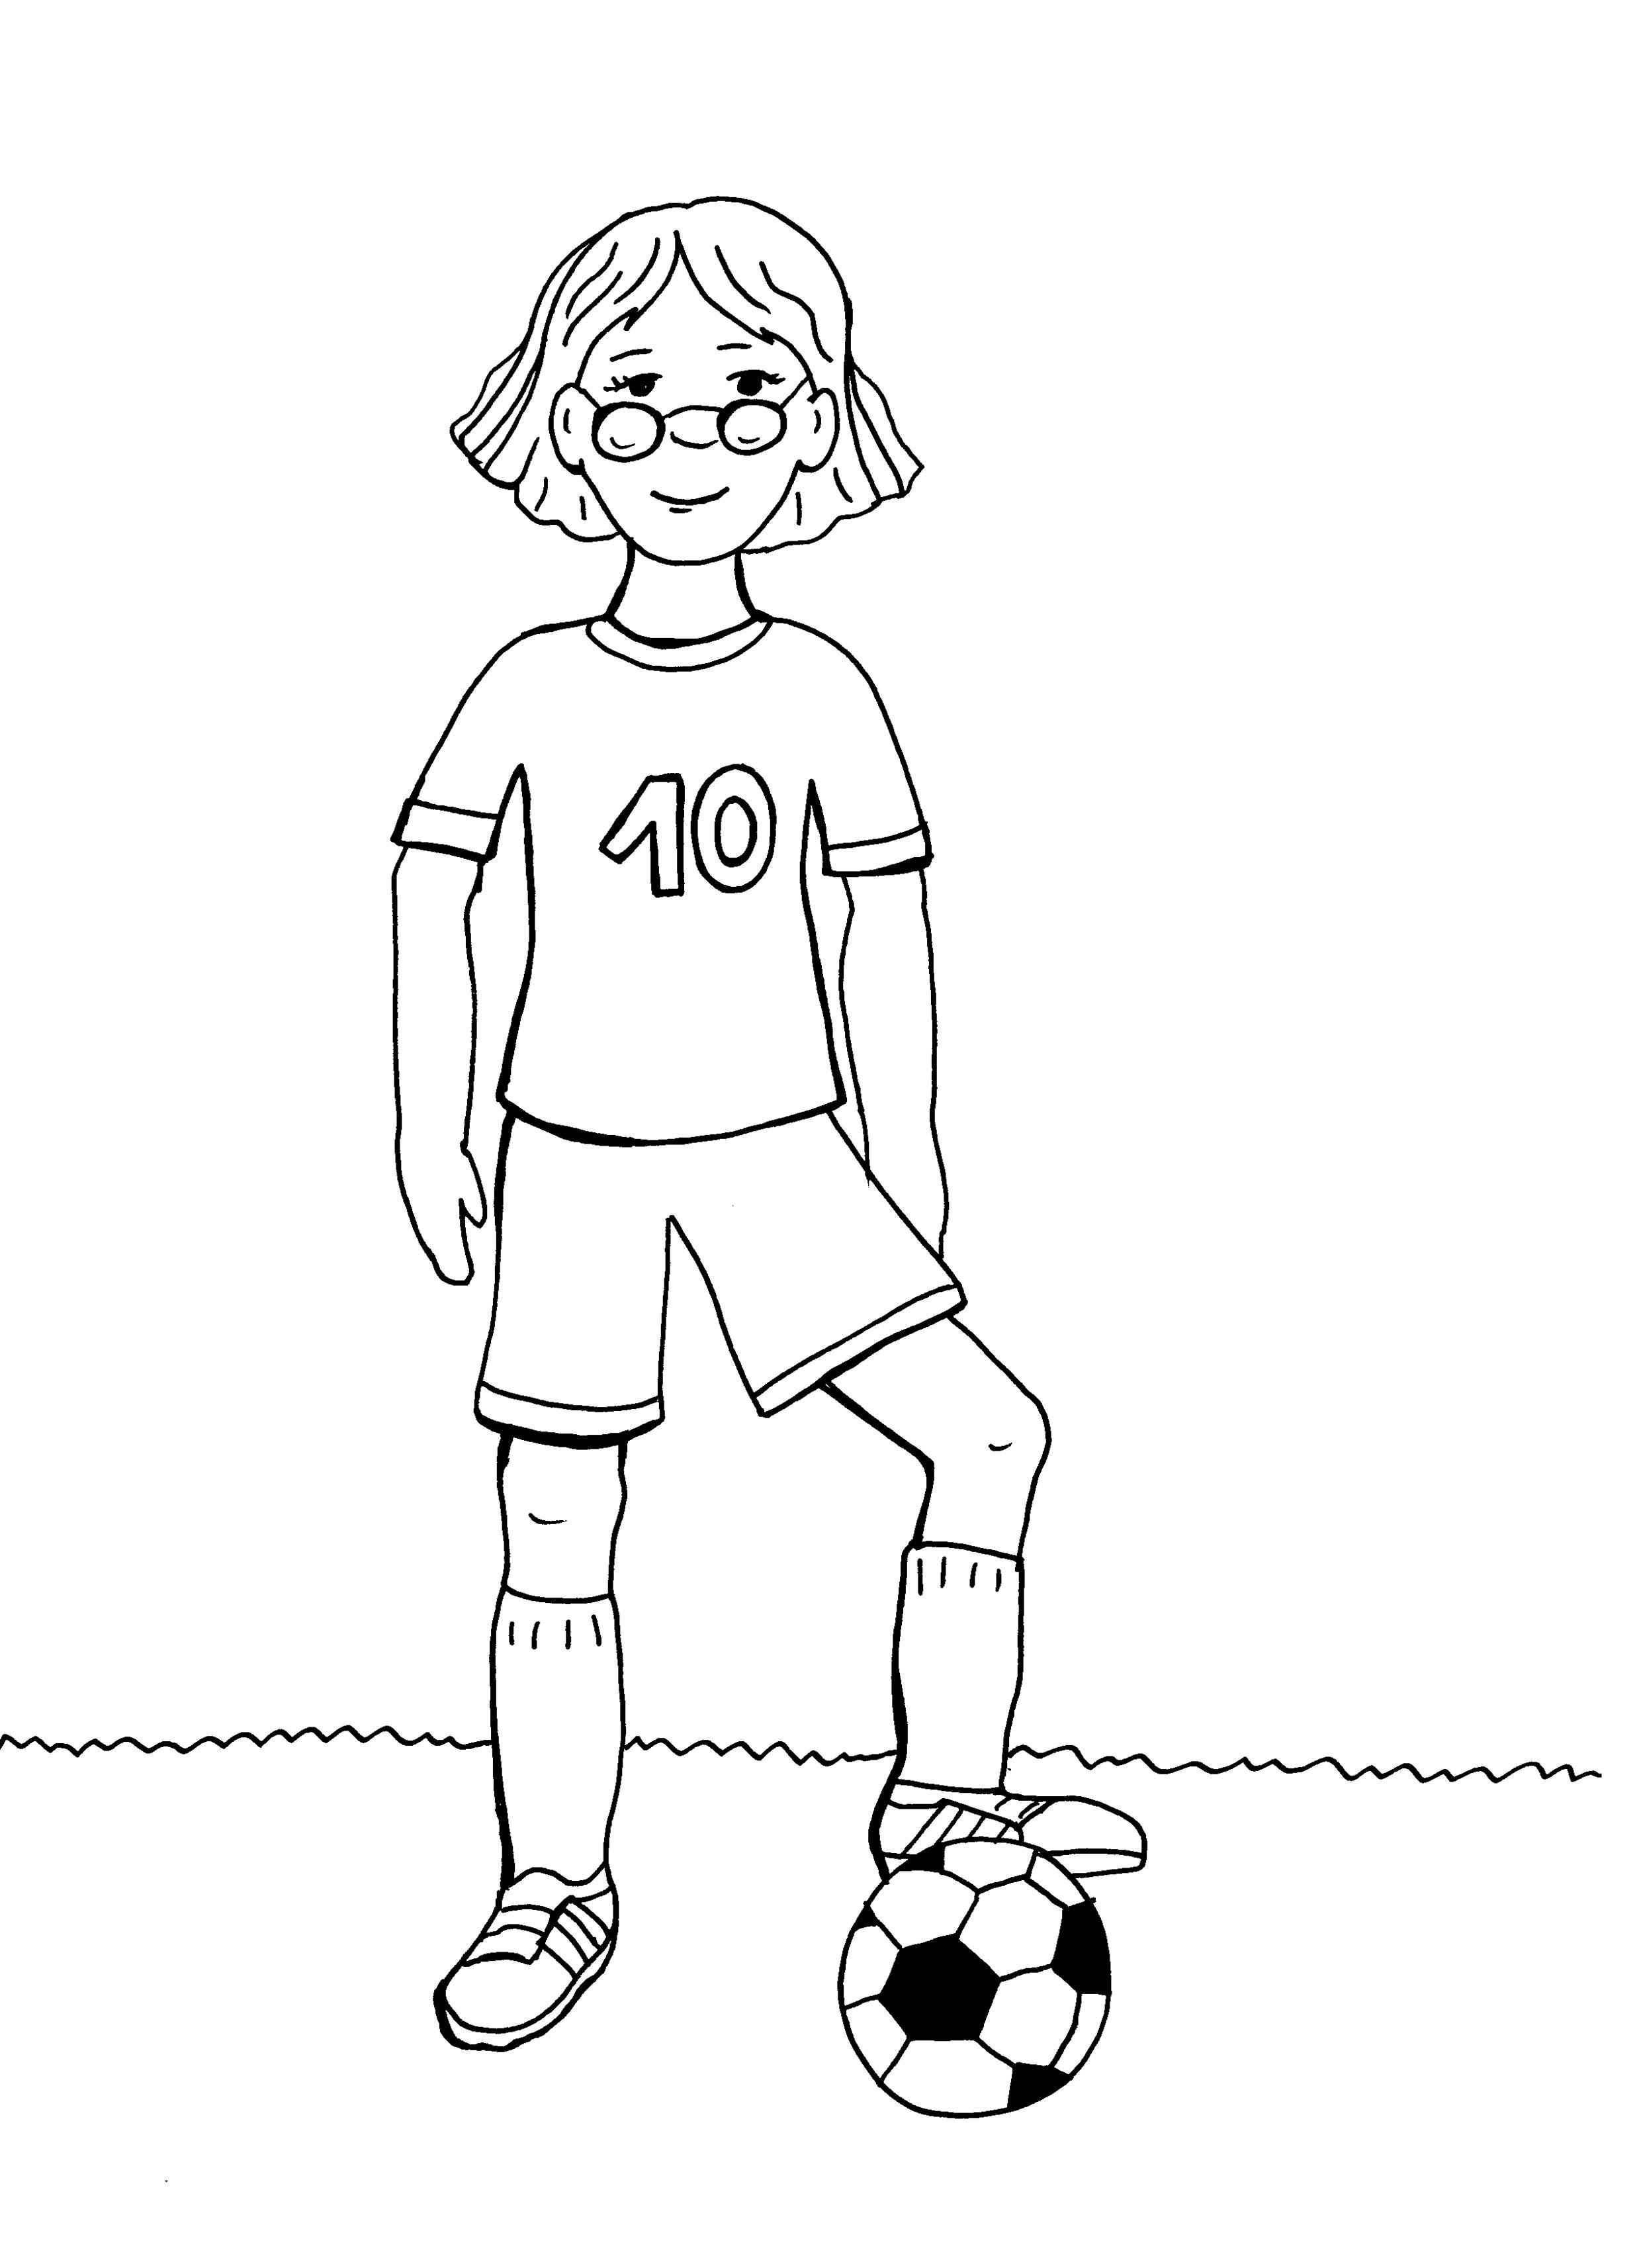 Ausmalbild Sport Mädchen Beim Fußball Spielen Kostenlos Ausdrucken